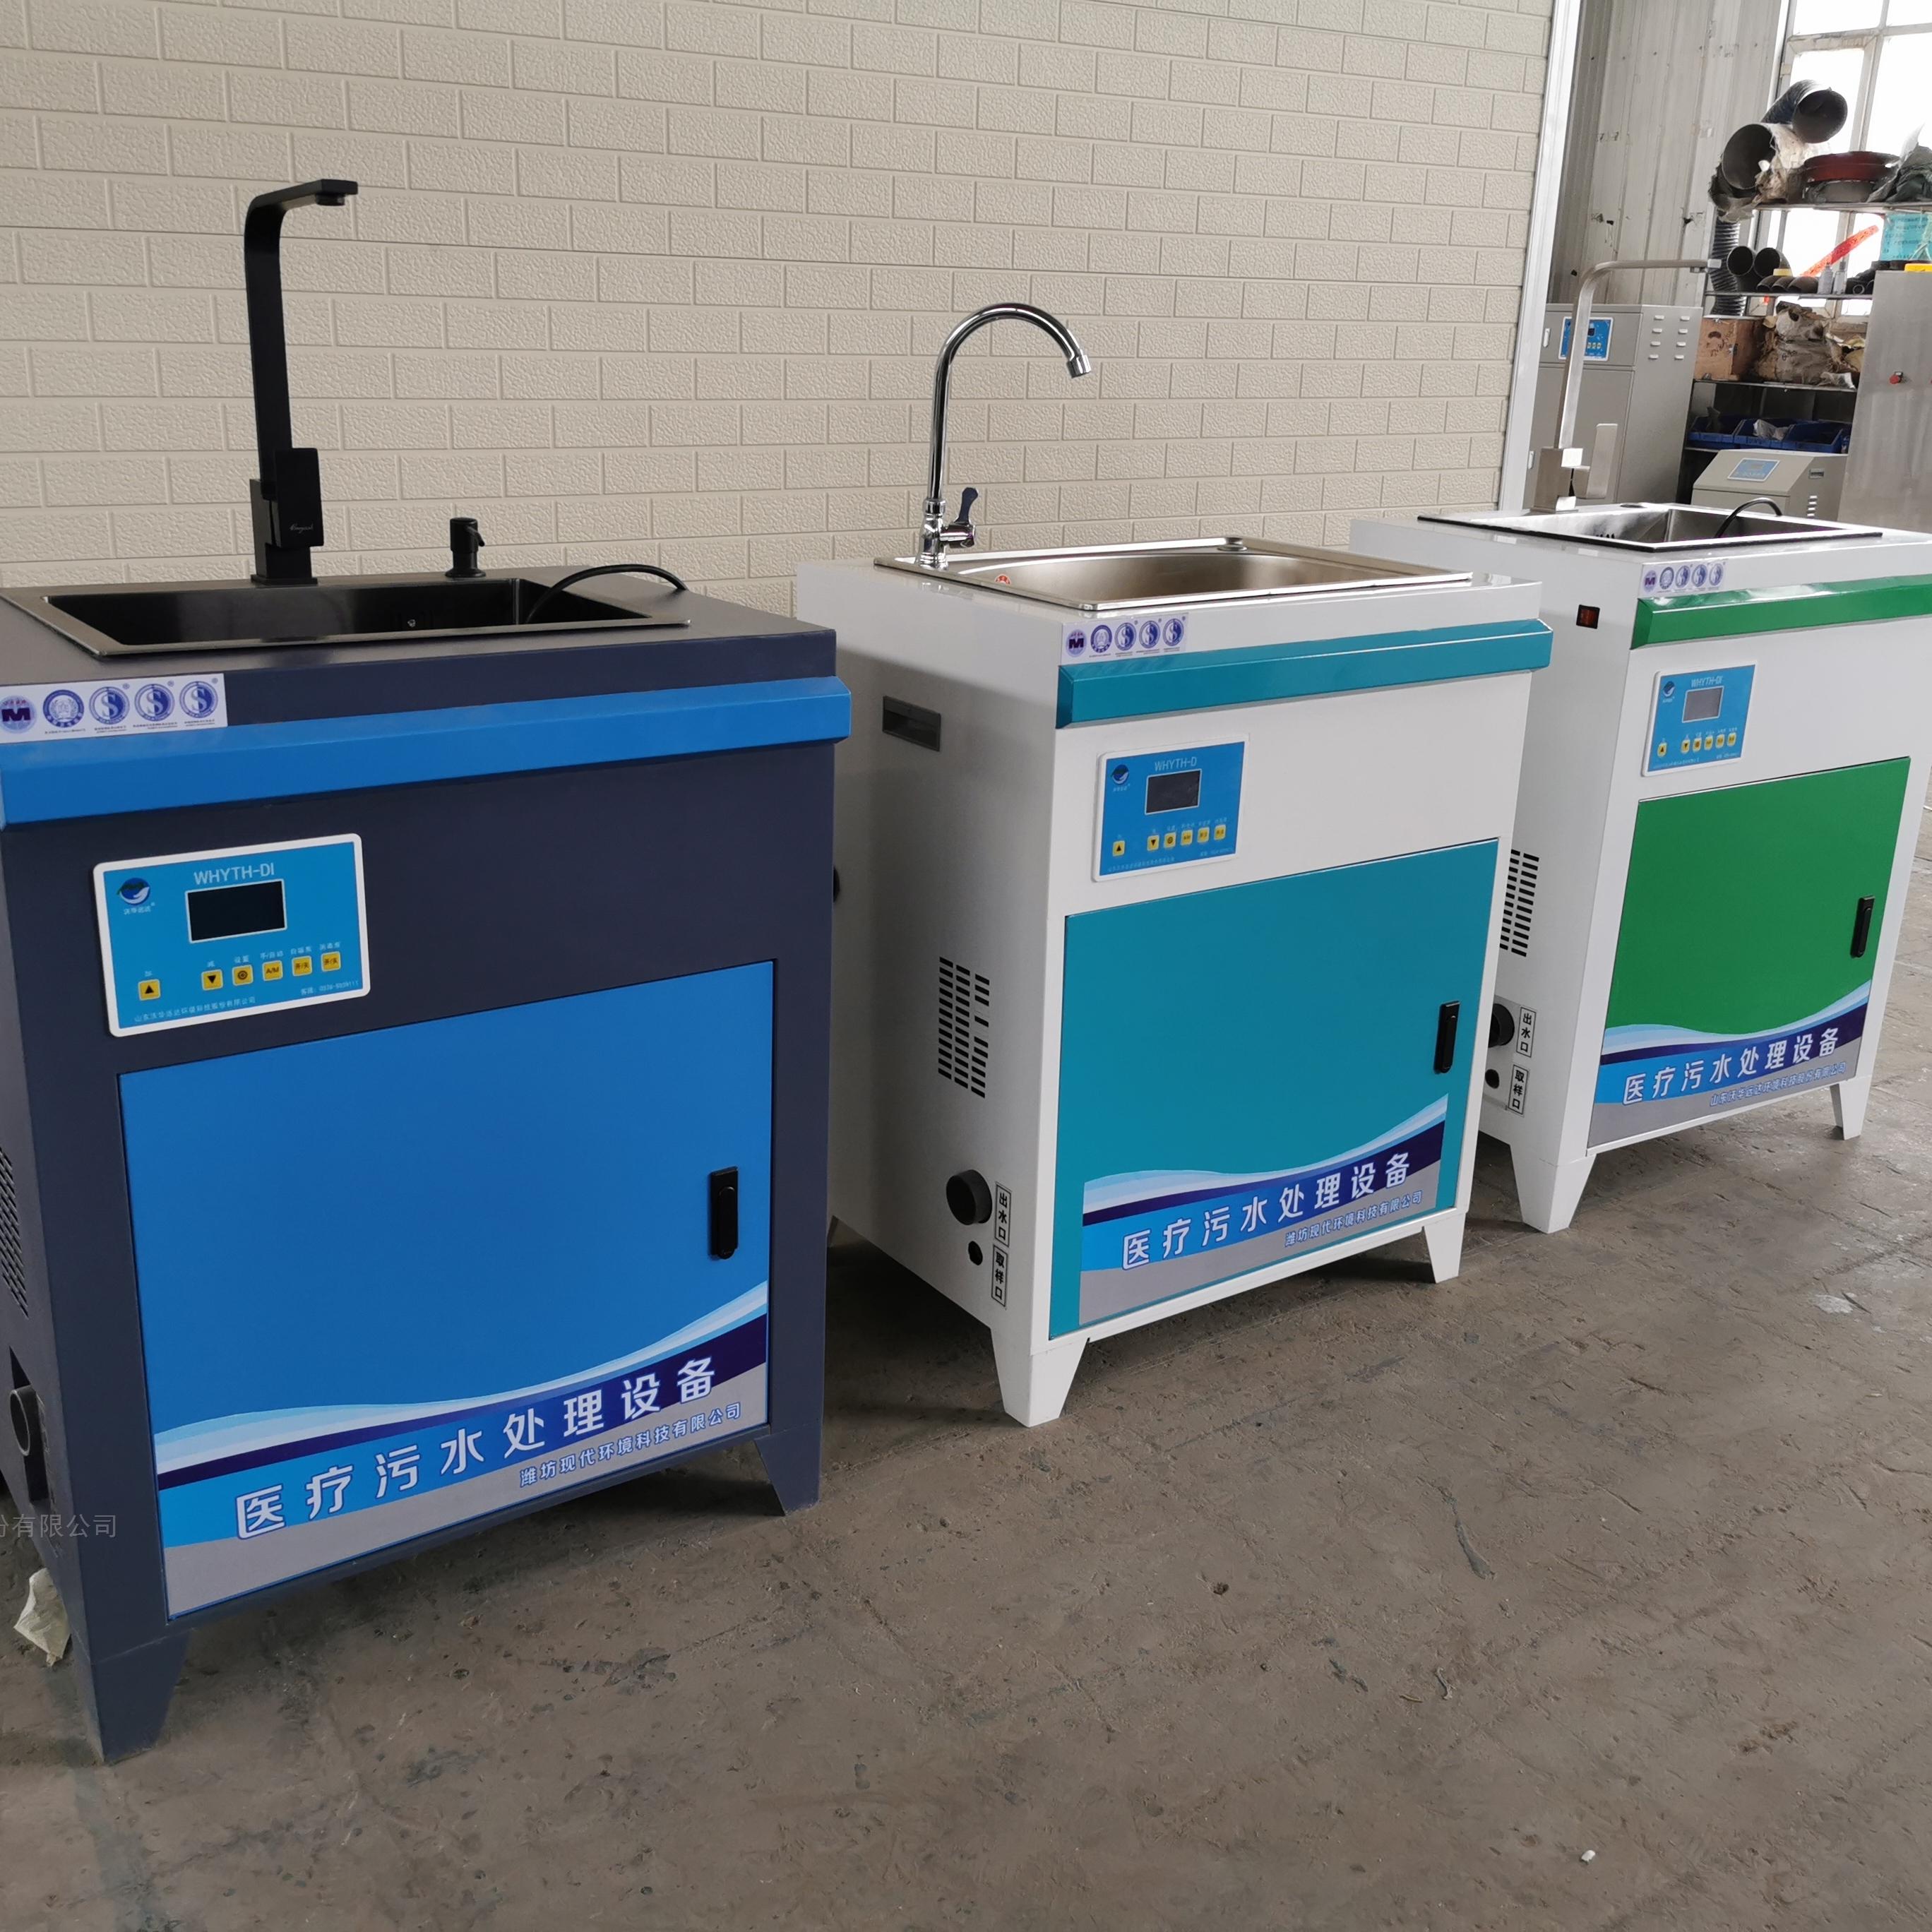 商丘口腔诊所污水处理设备